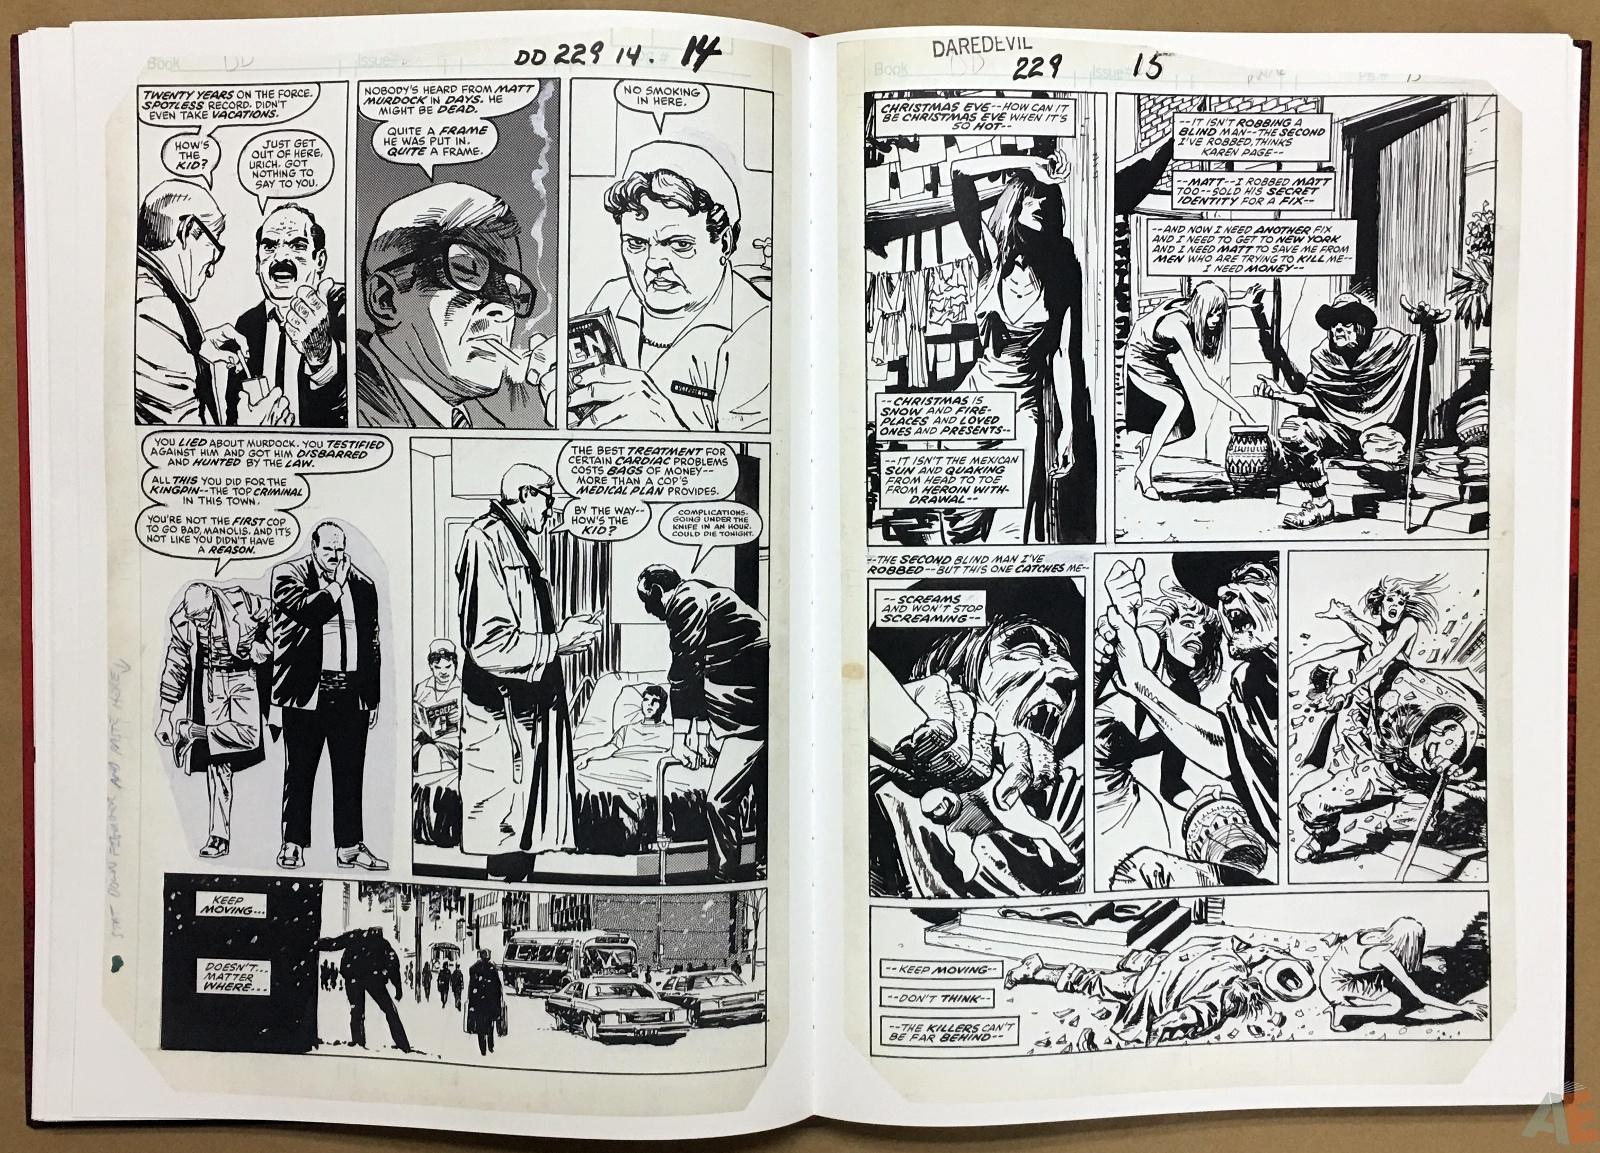 David Mazzucchelli's Daredevil Born Again: Artist's Edition 20